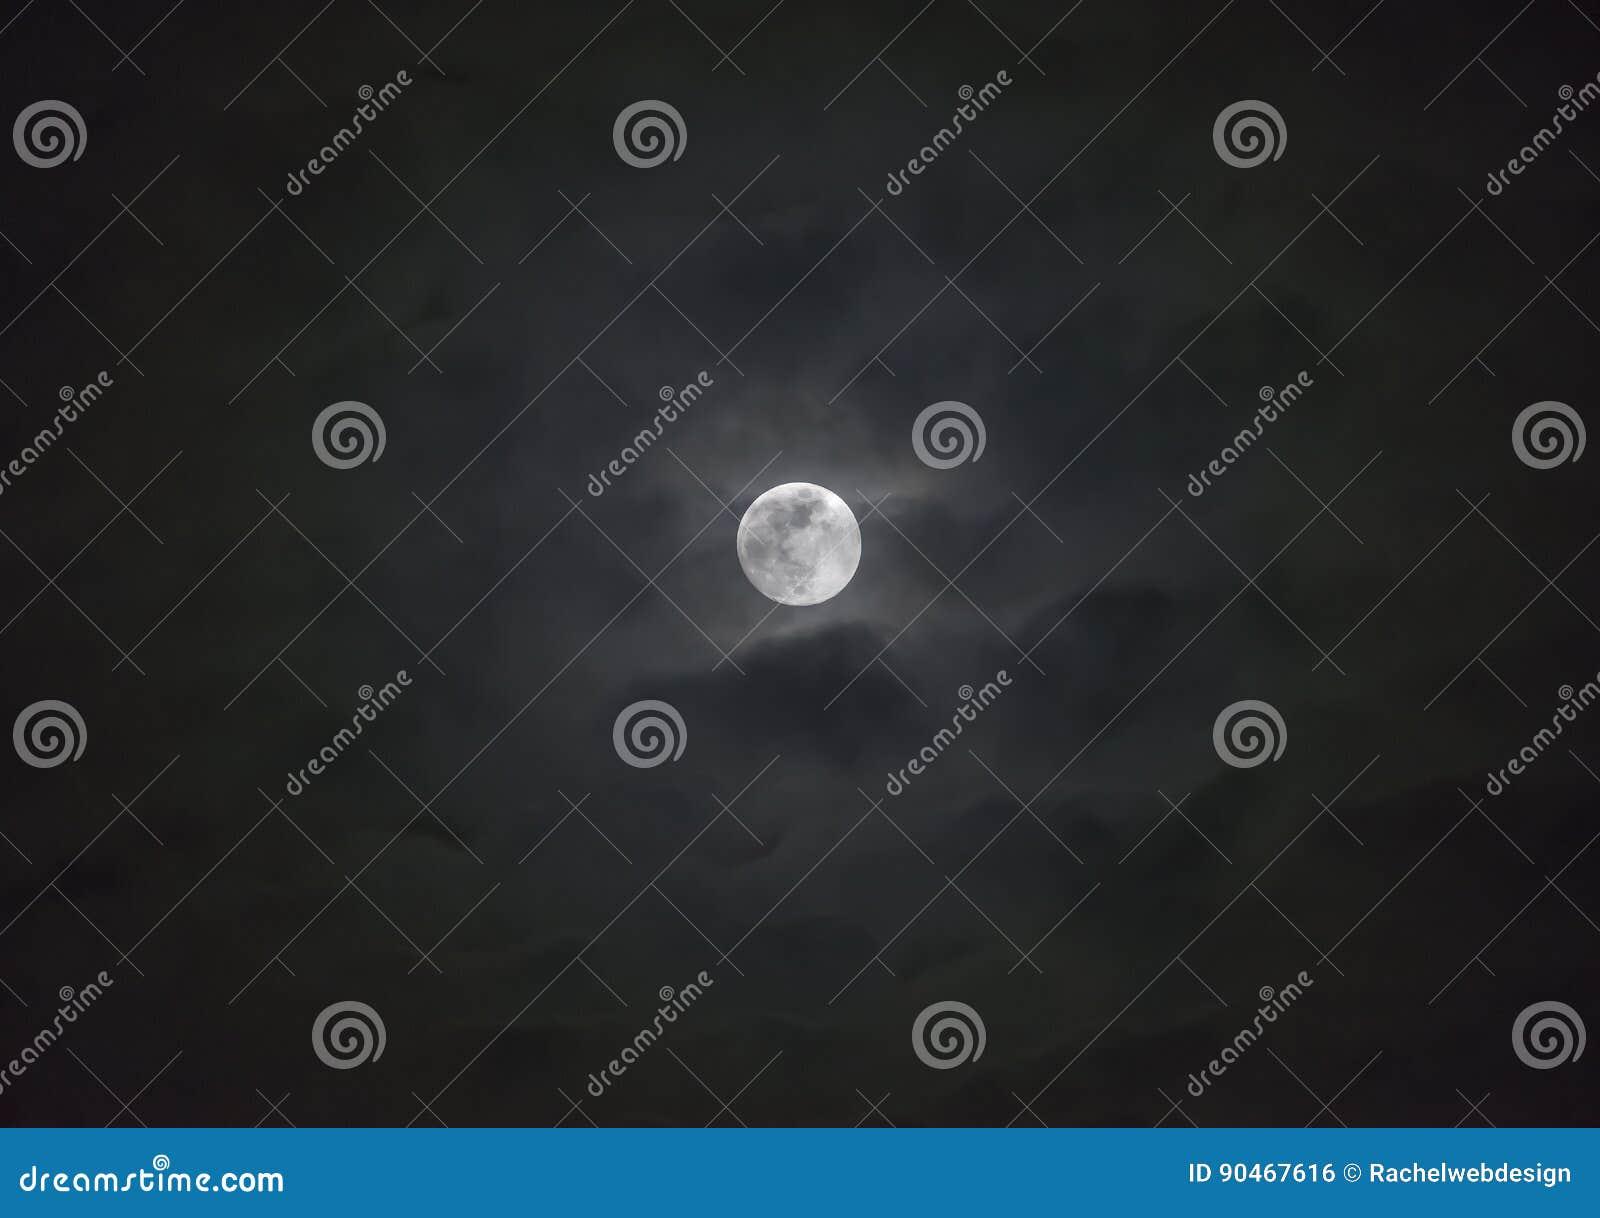 在喜怒无常的云彩后小束的层数的发光的满月,大气